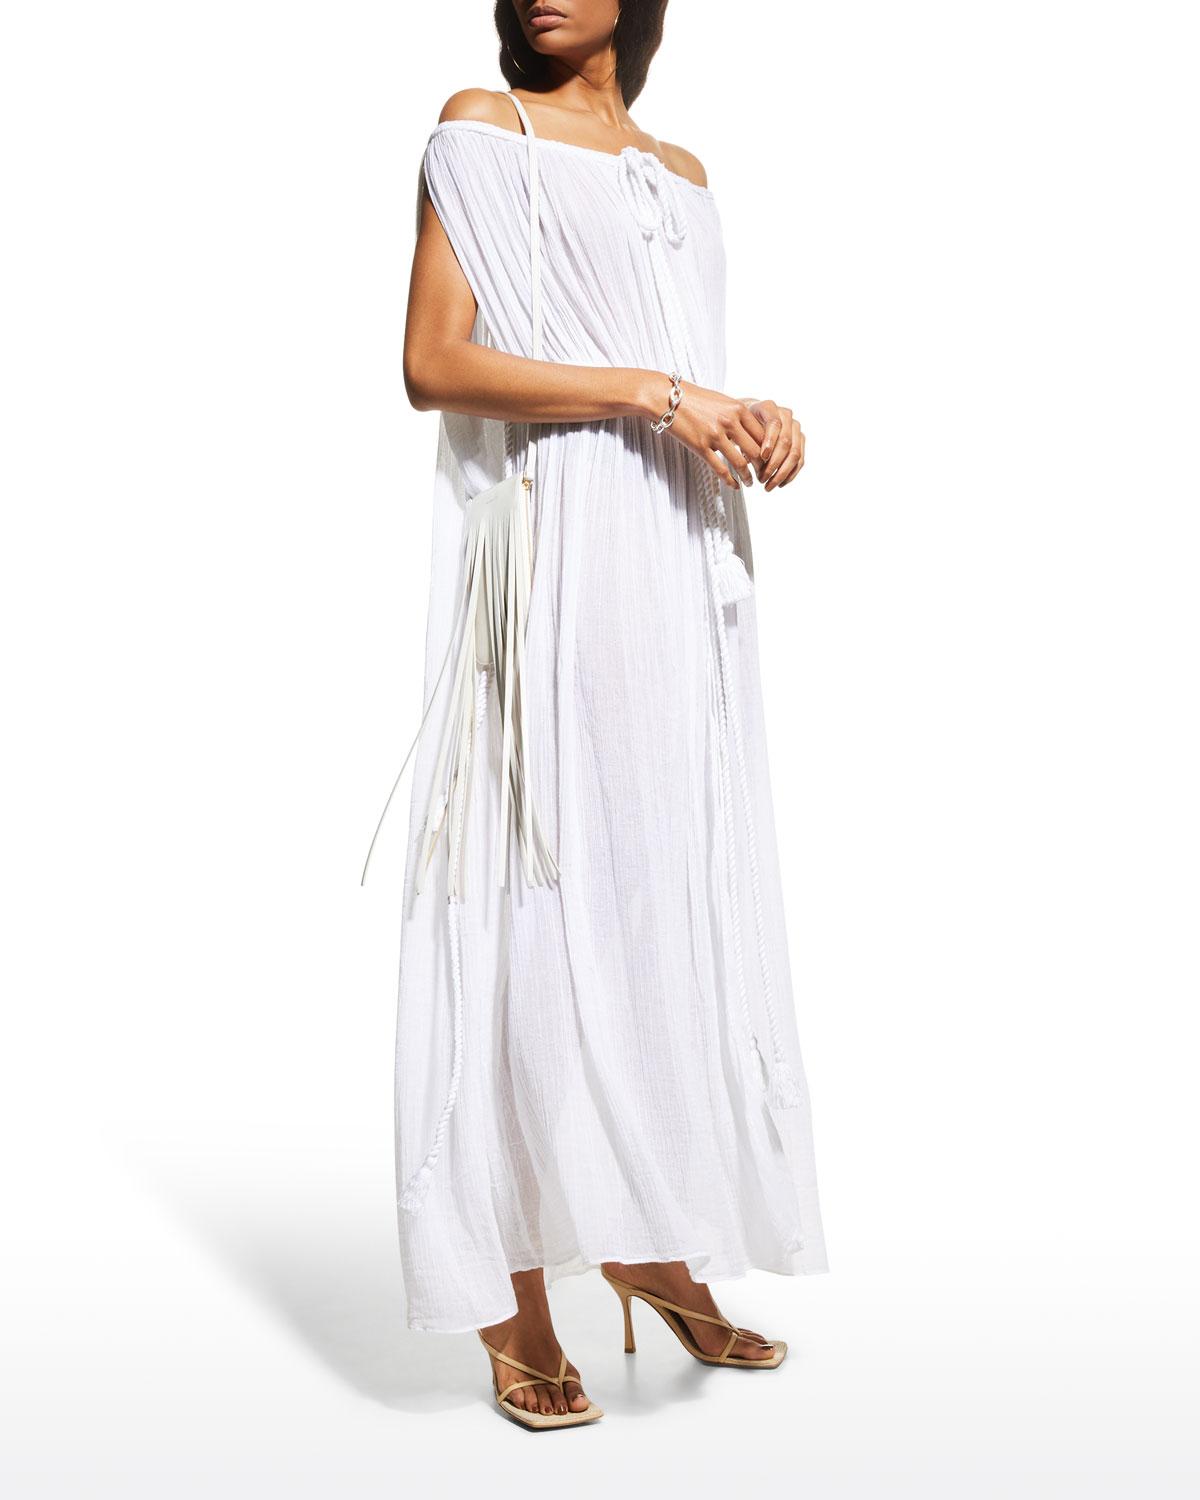 Juno Off-Shoulder Belted Coverup Dress